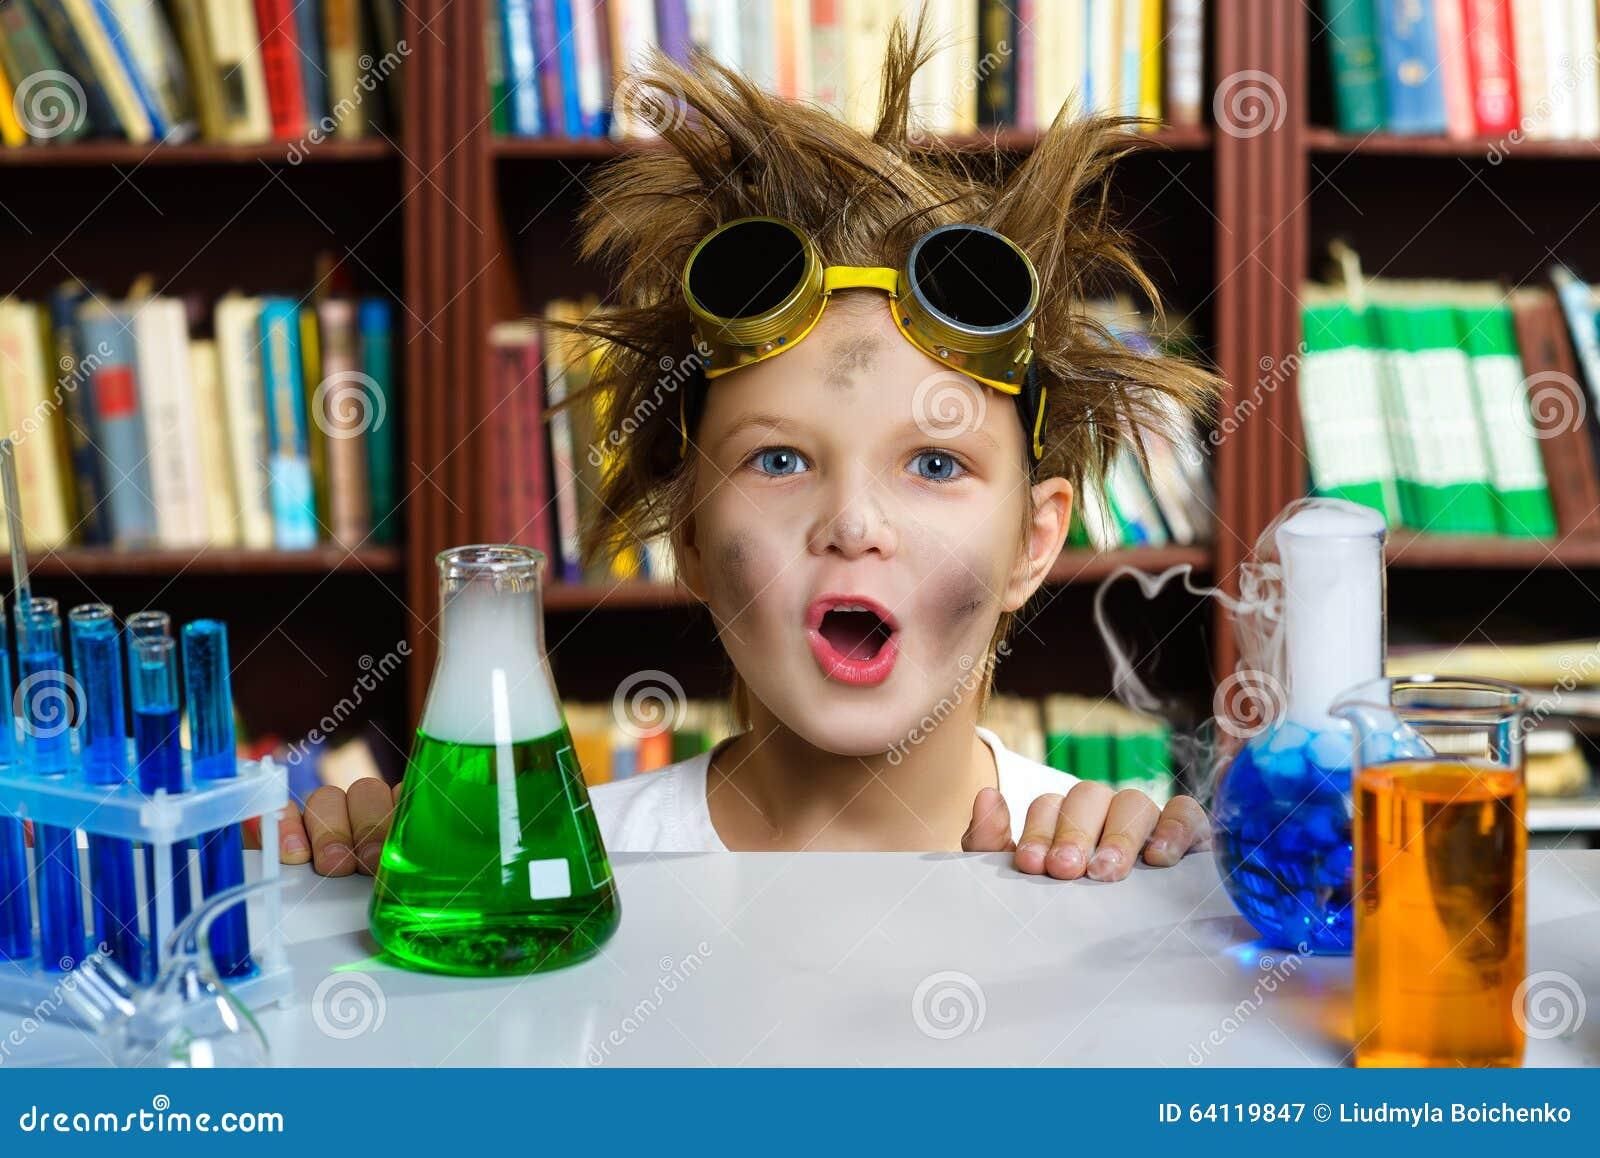 Gullig pojke som gör biokemiforskning i kemi